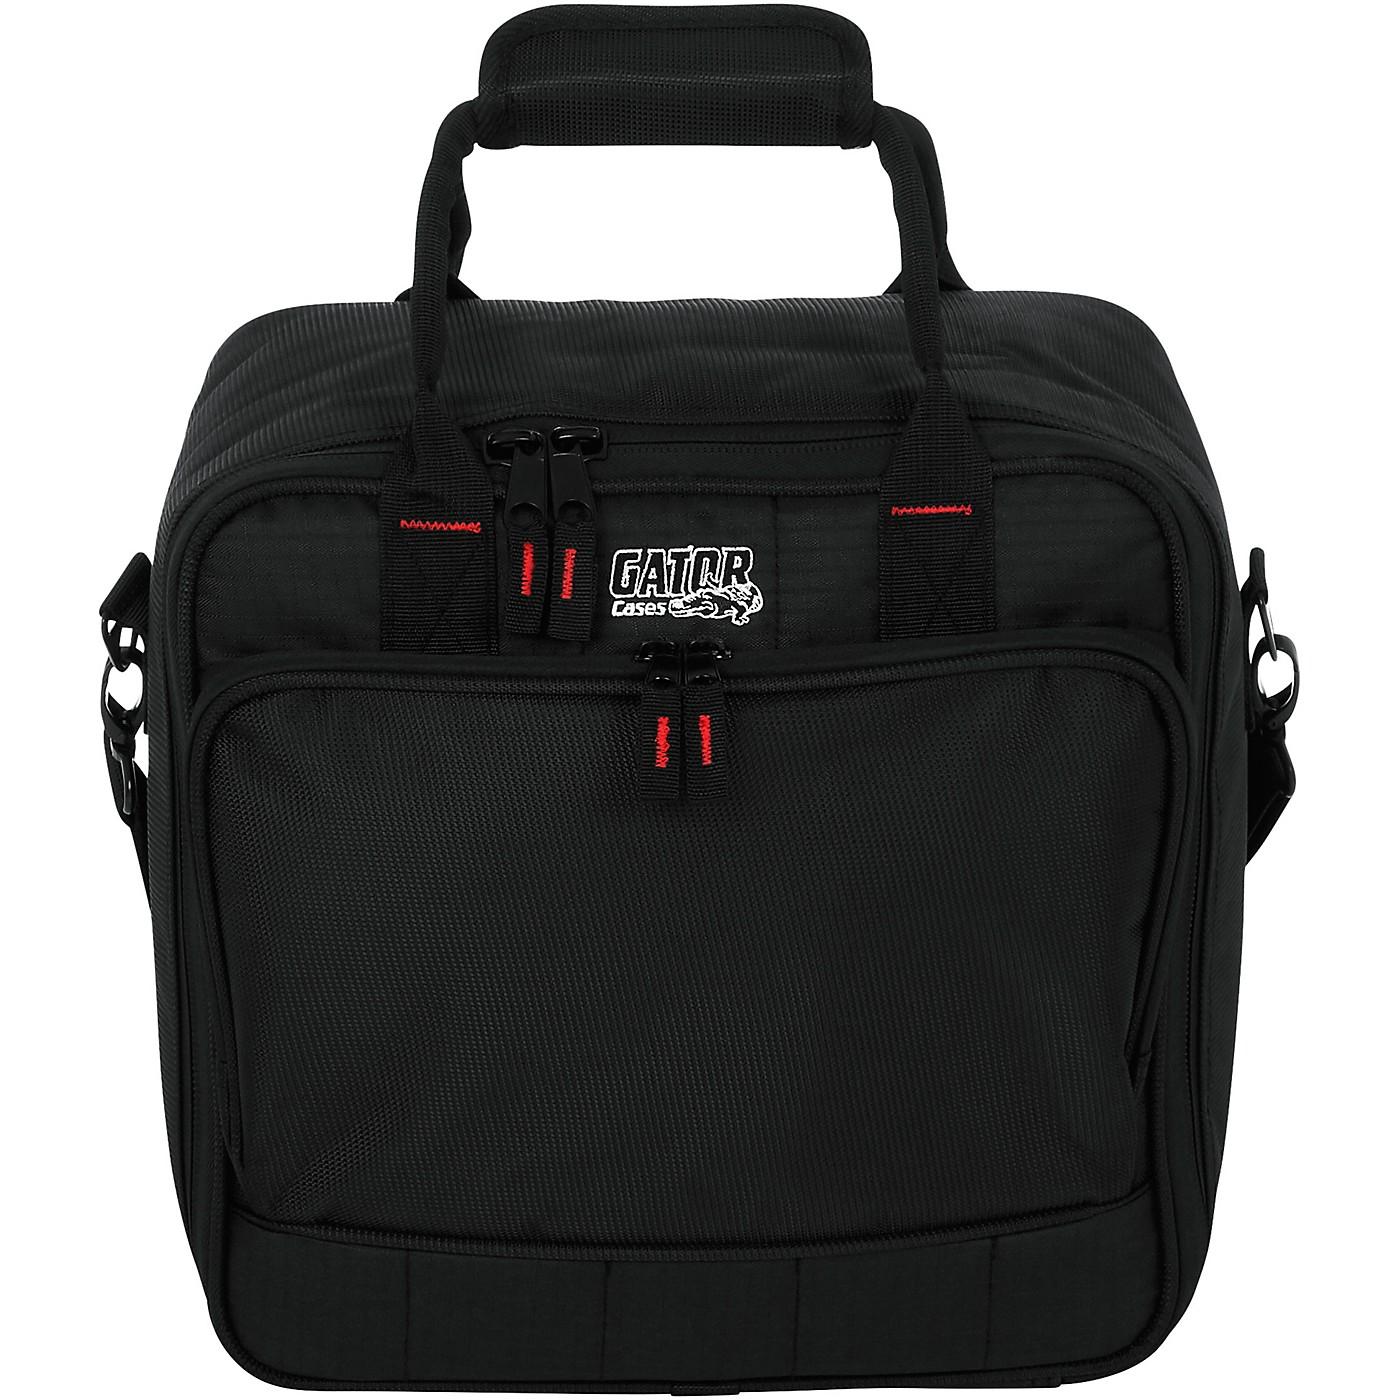 Gator G-MIXERBAG-1212 Mixer/Gear Bag thumbnail